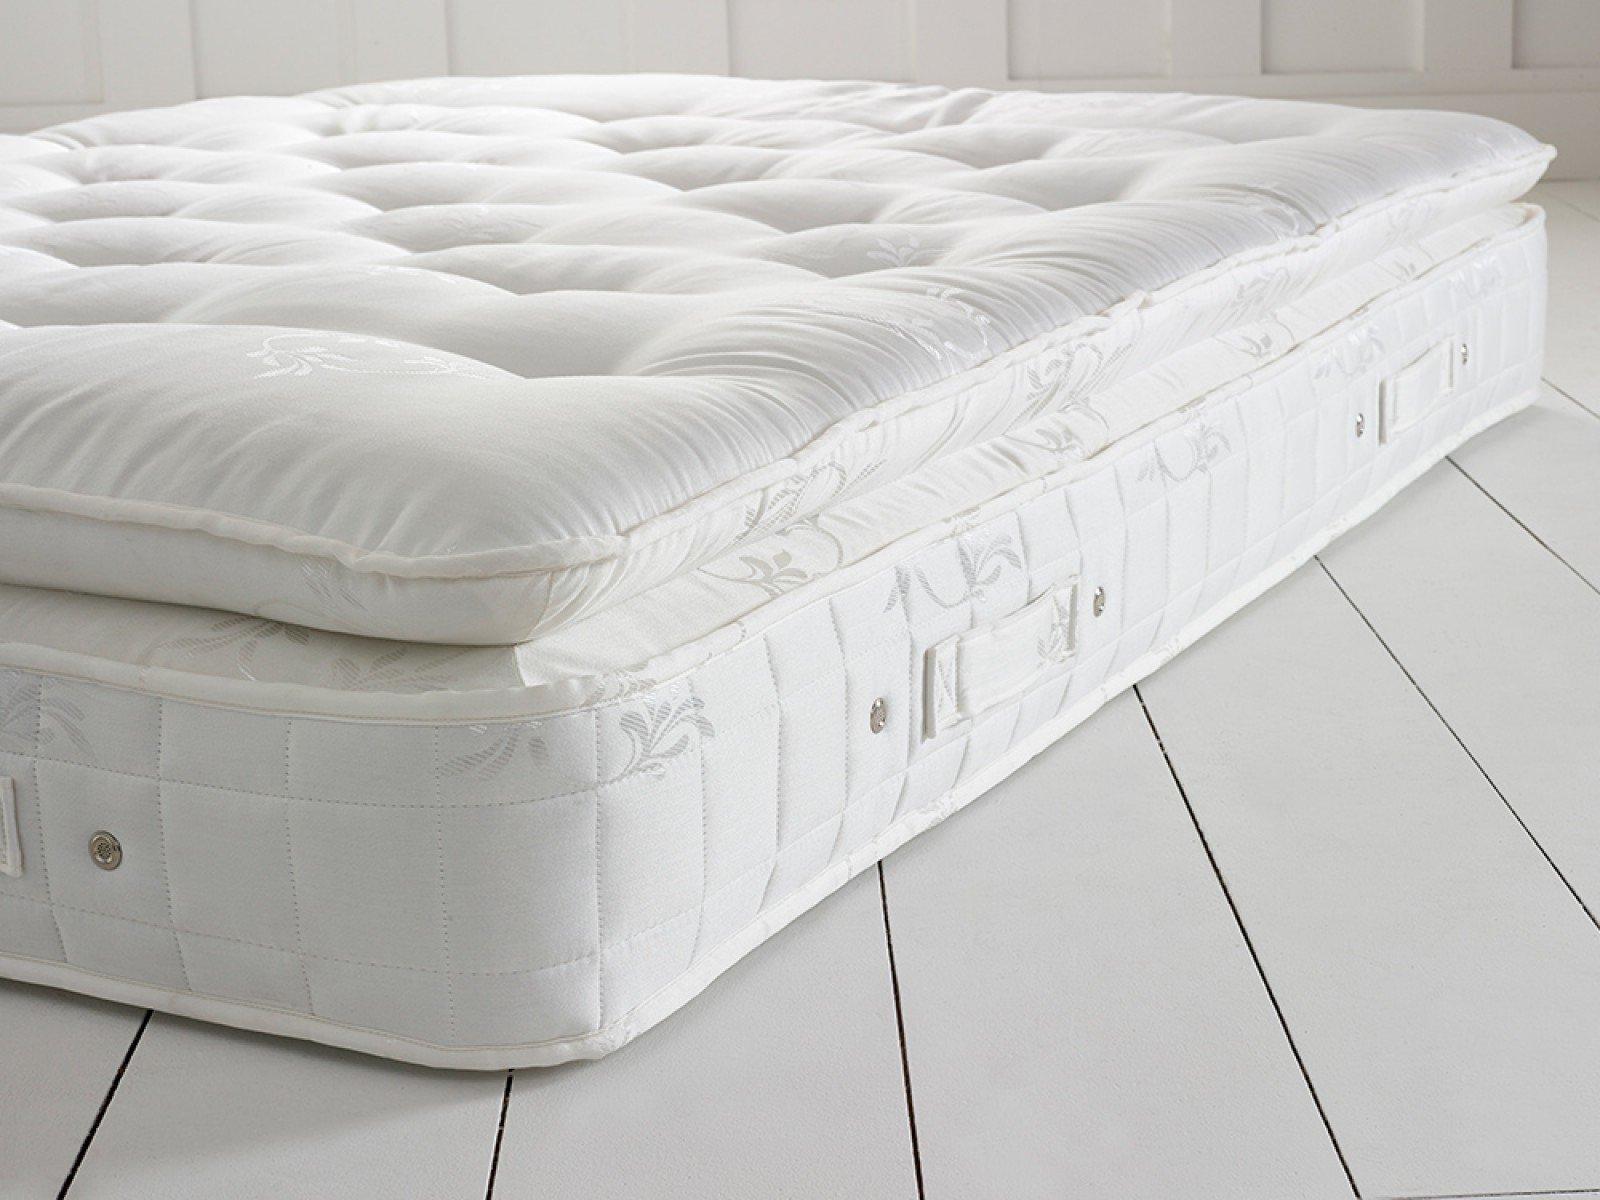 Tipps für die Wahl der Matratzen